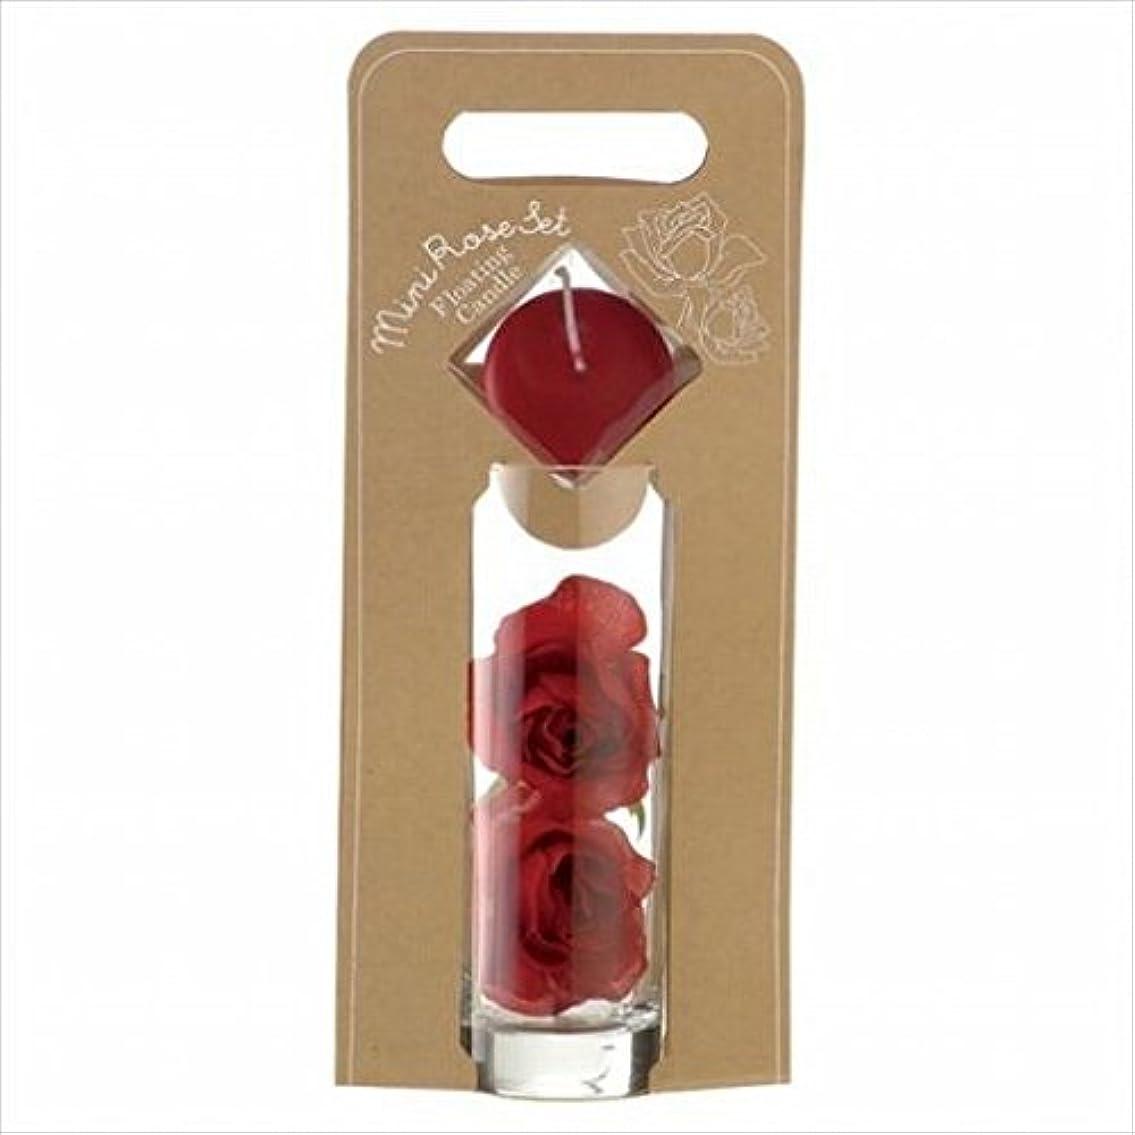 挑発するずっとマネージャーkameyama candle(カメヤマキャンドル) ミニローズセット 「 ワインレッド 」(A7620005WR)